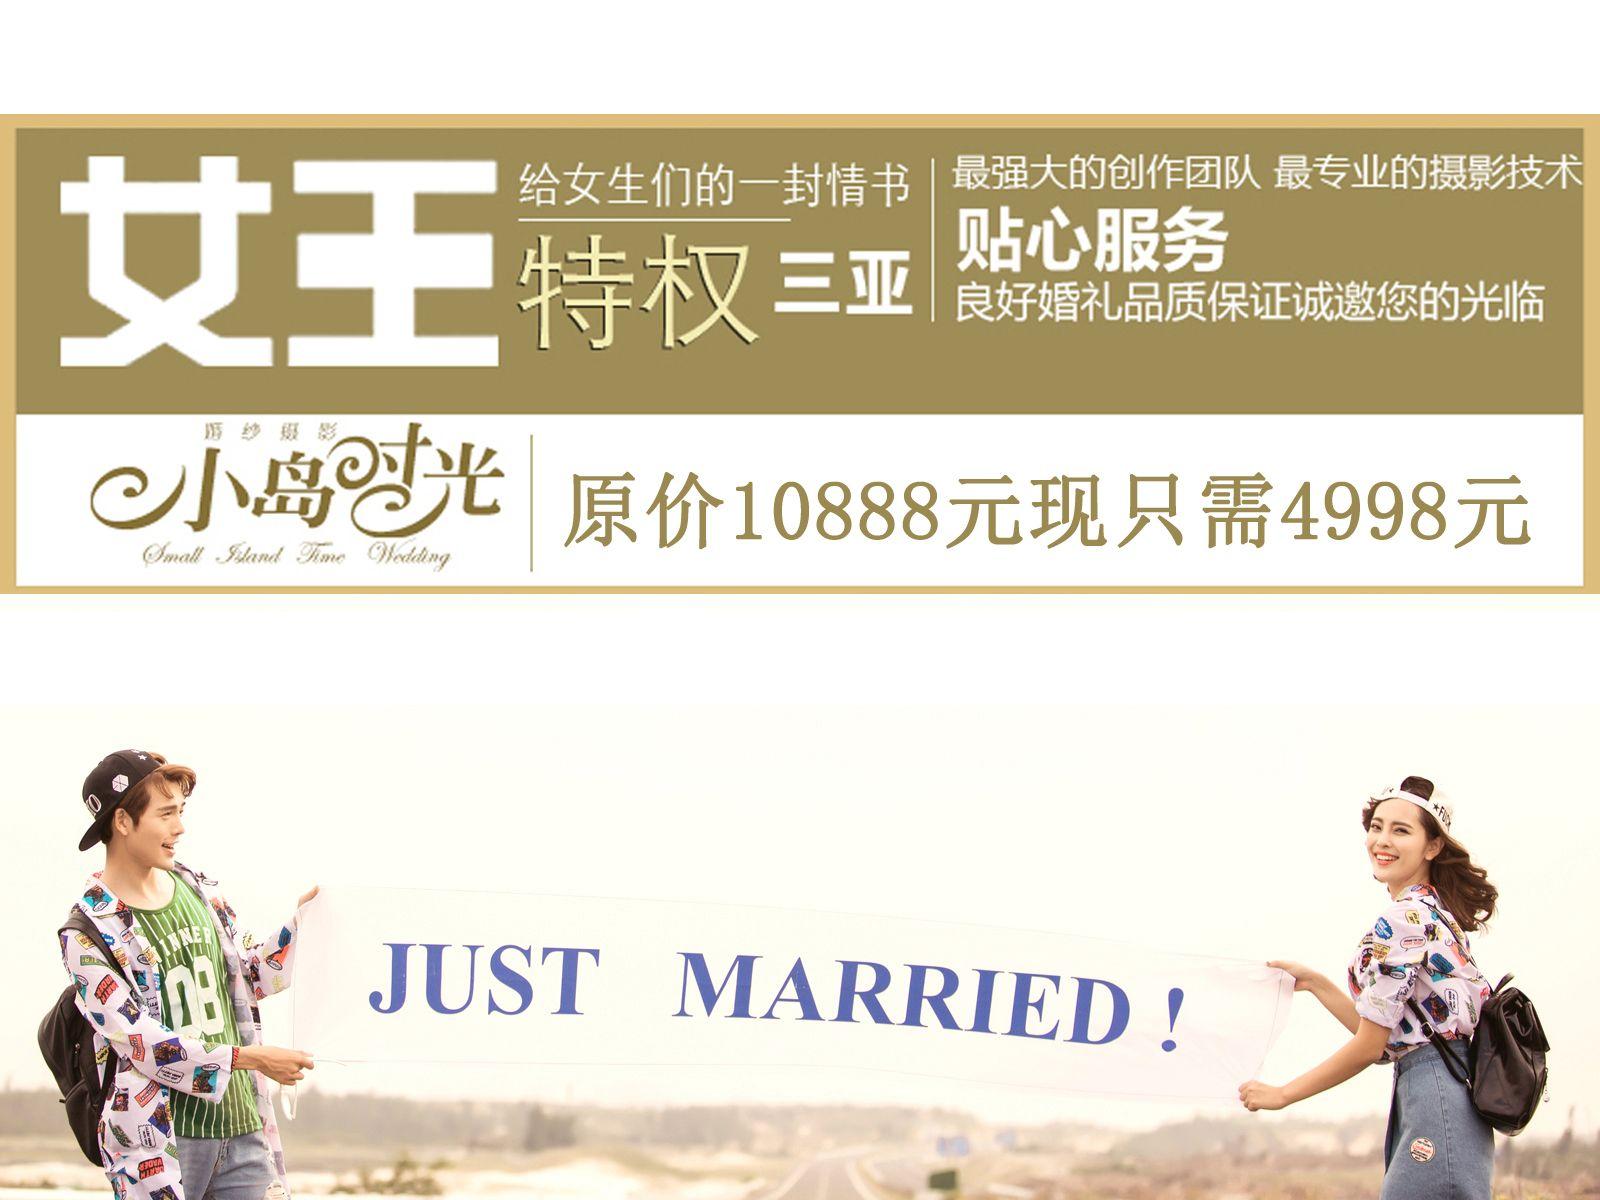 小岛时光婚纱摄影